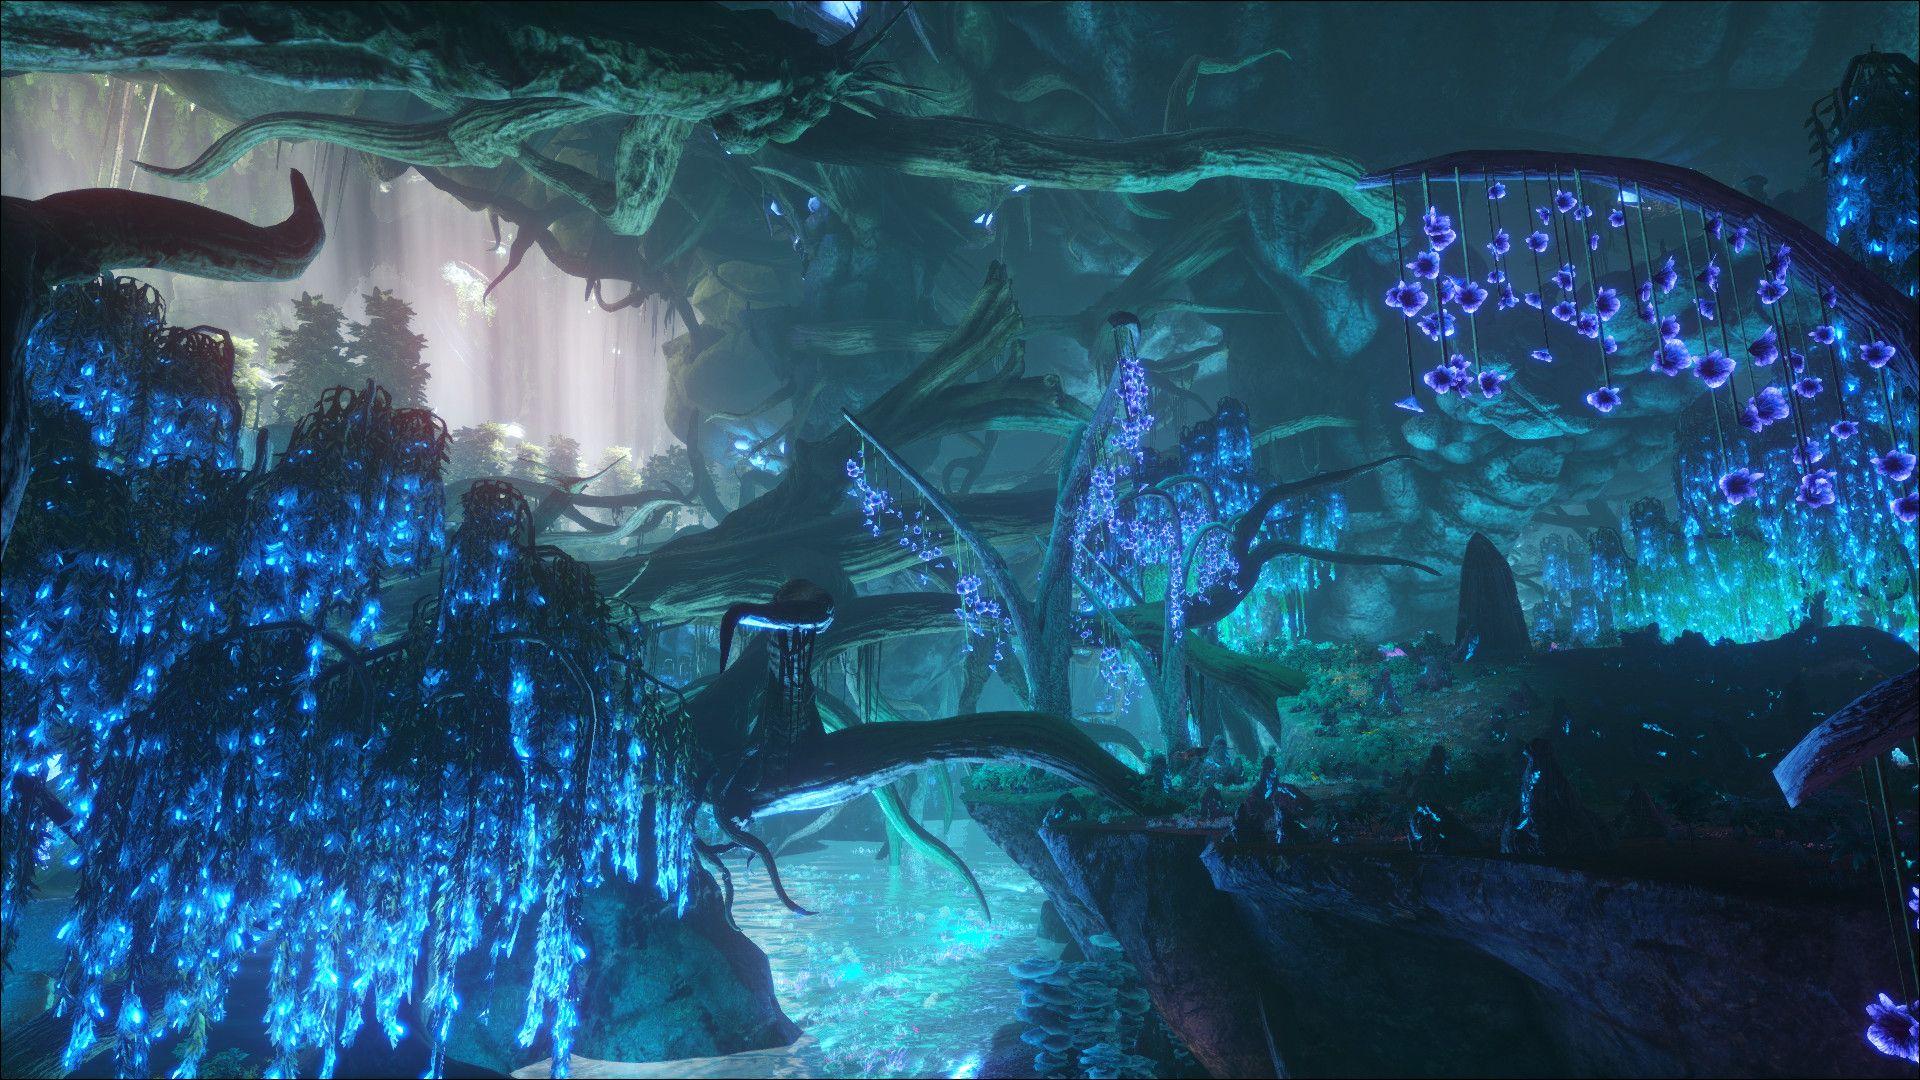 Artstation Ark Survival Evolved Aberration Mike Rodriguez In 2020 Ark Survival Evolved Survival Op Art